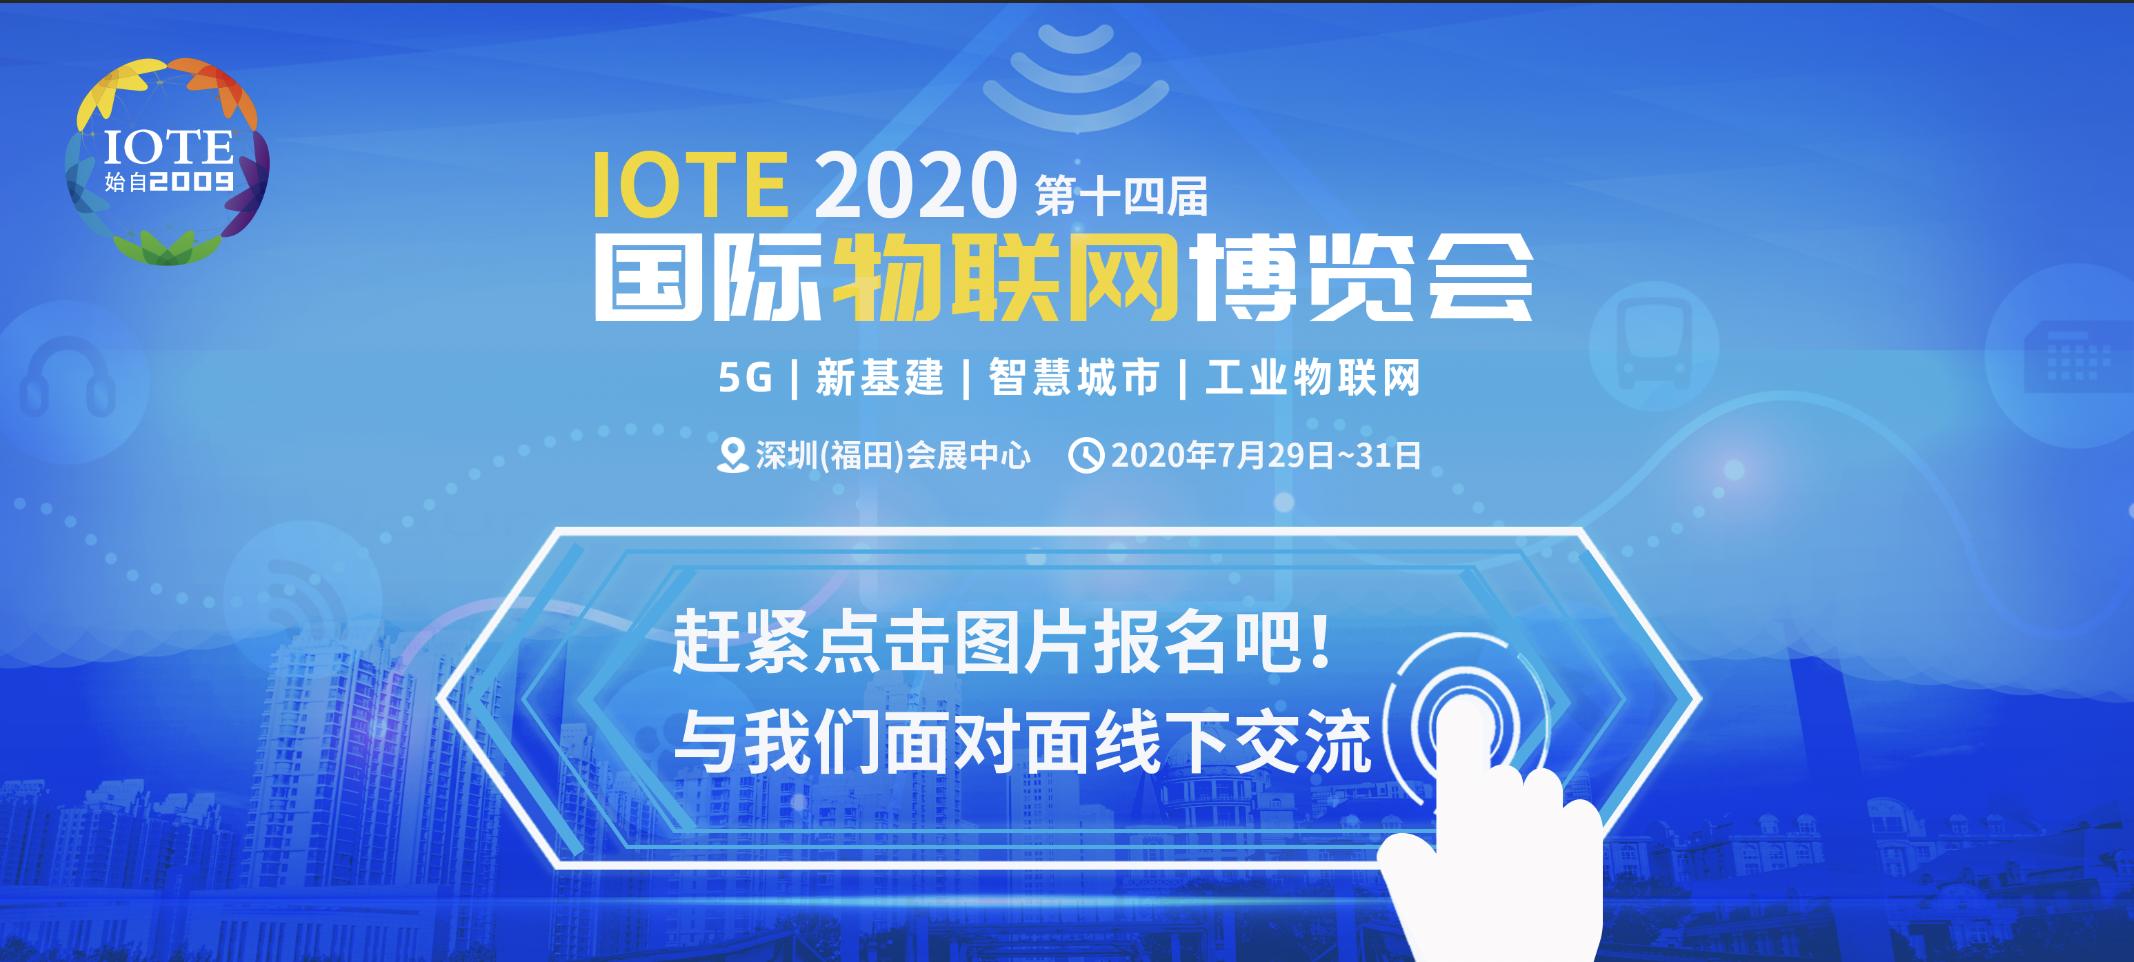 奥奕科技将携工业RFID标签及解决方案精彩亮相IOTE2020深圳国际物联网展